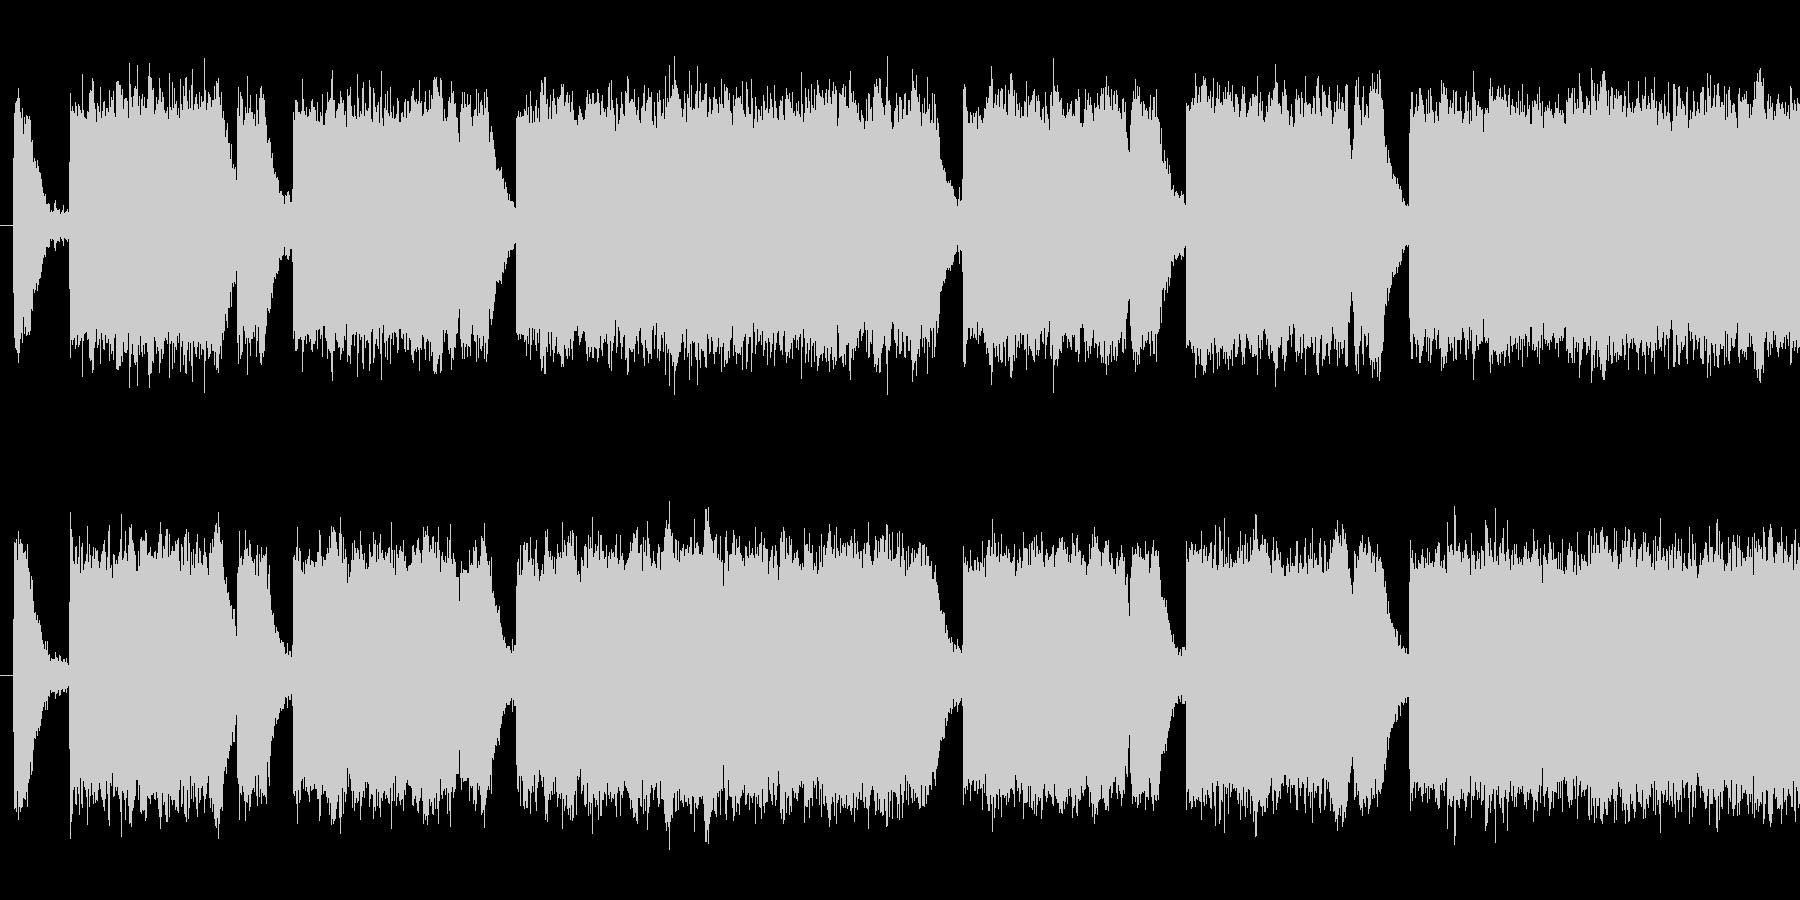 ダークな雰囲気のあるループシンセの未再生の波形